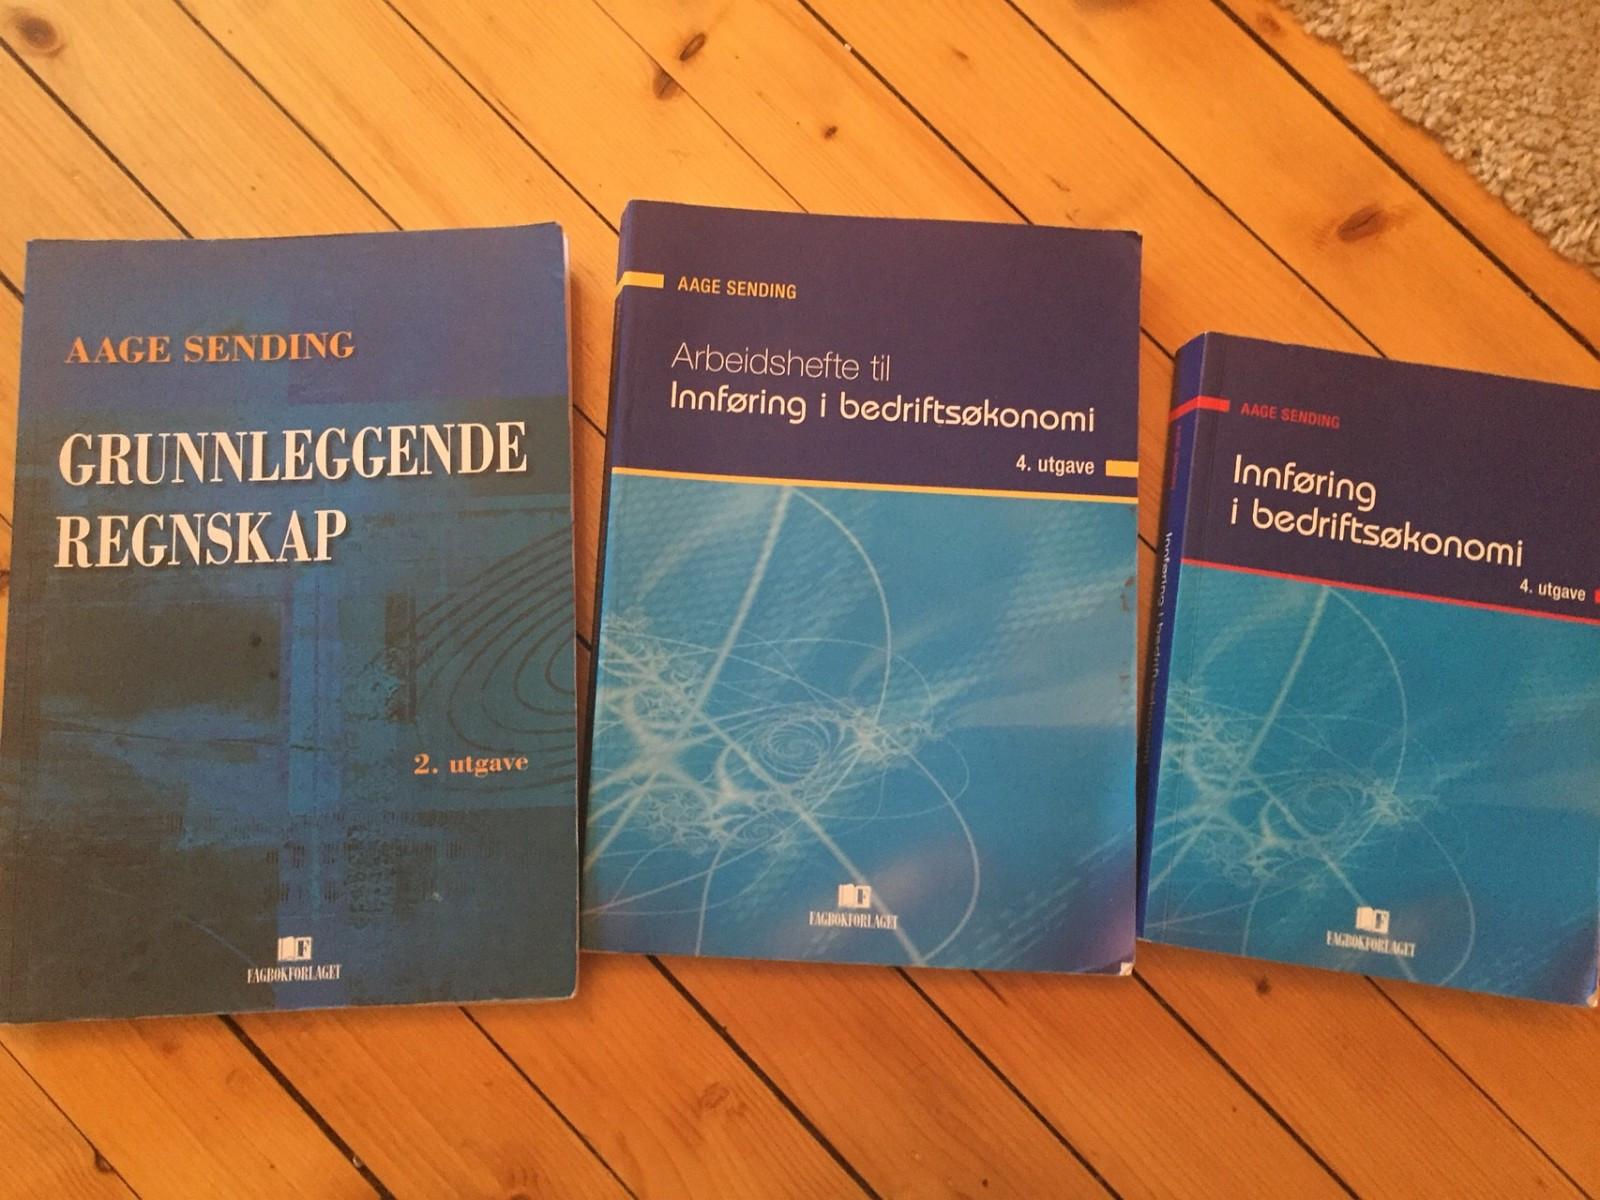 Innføring i Bedriftsøkonomi / grunnleggende regnskap bøker Aage Sending - Oslo  - Selger bøker til bedriftsøkonomi brukt på BI . Arbeidshefter er ikke notert i, regnskap er. samlet 500 - Oslo